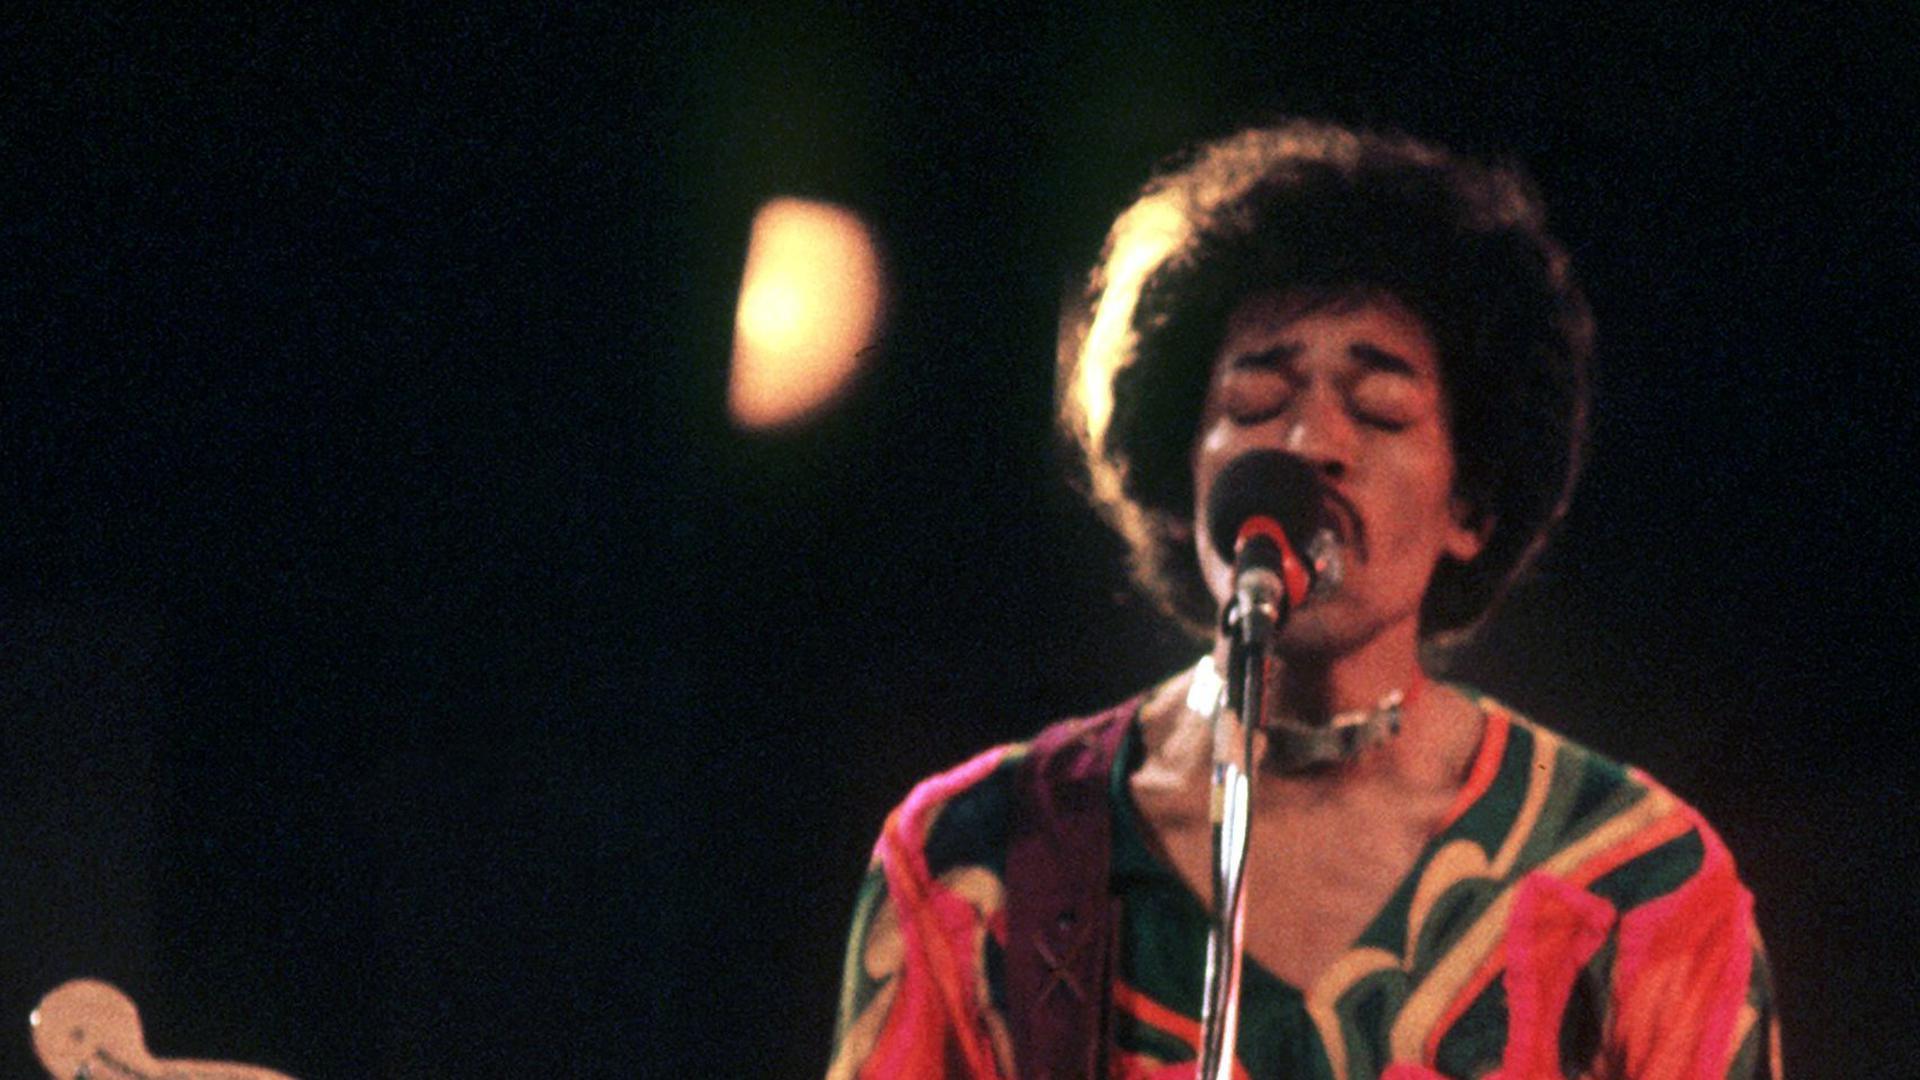 Das Archivbild zeigt den US-amerikanischen Rocksänger und Gitarrist Jimi Hendrix beim Popfestival auf der Isle of Wright 1970. Am 27. November 2002 wäre Hendrix 60 Jahre alt geworden.